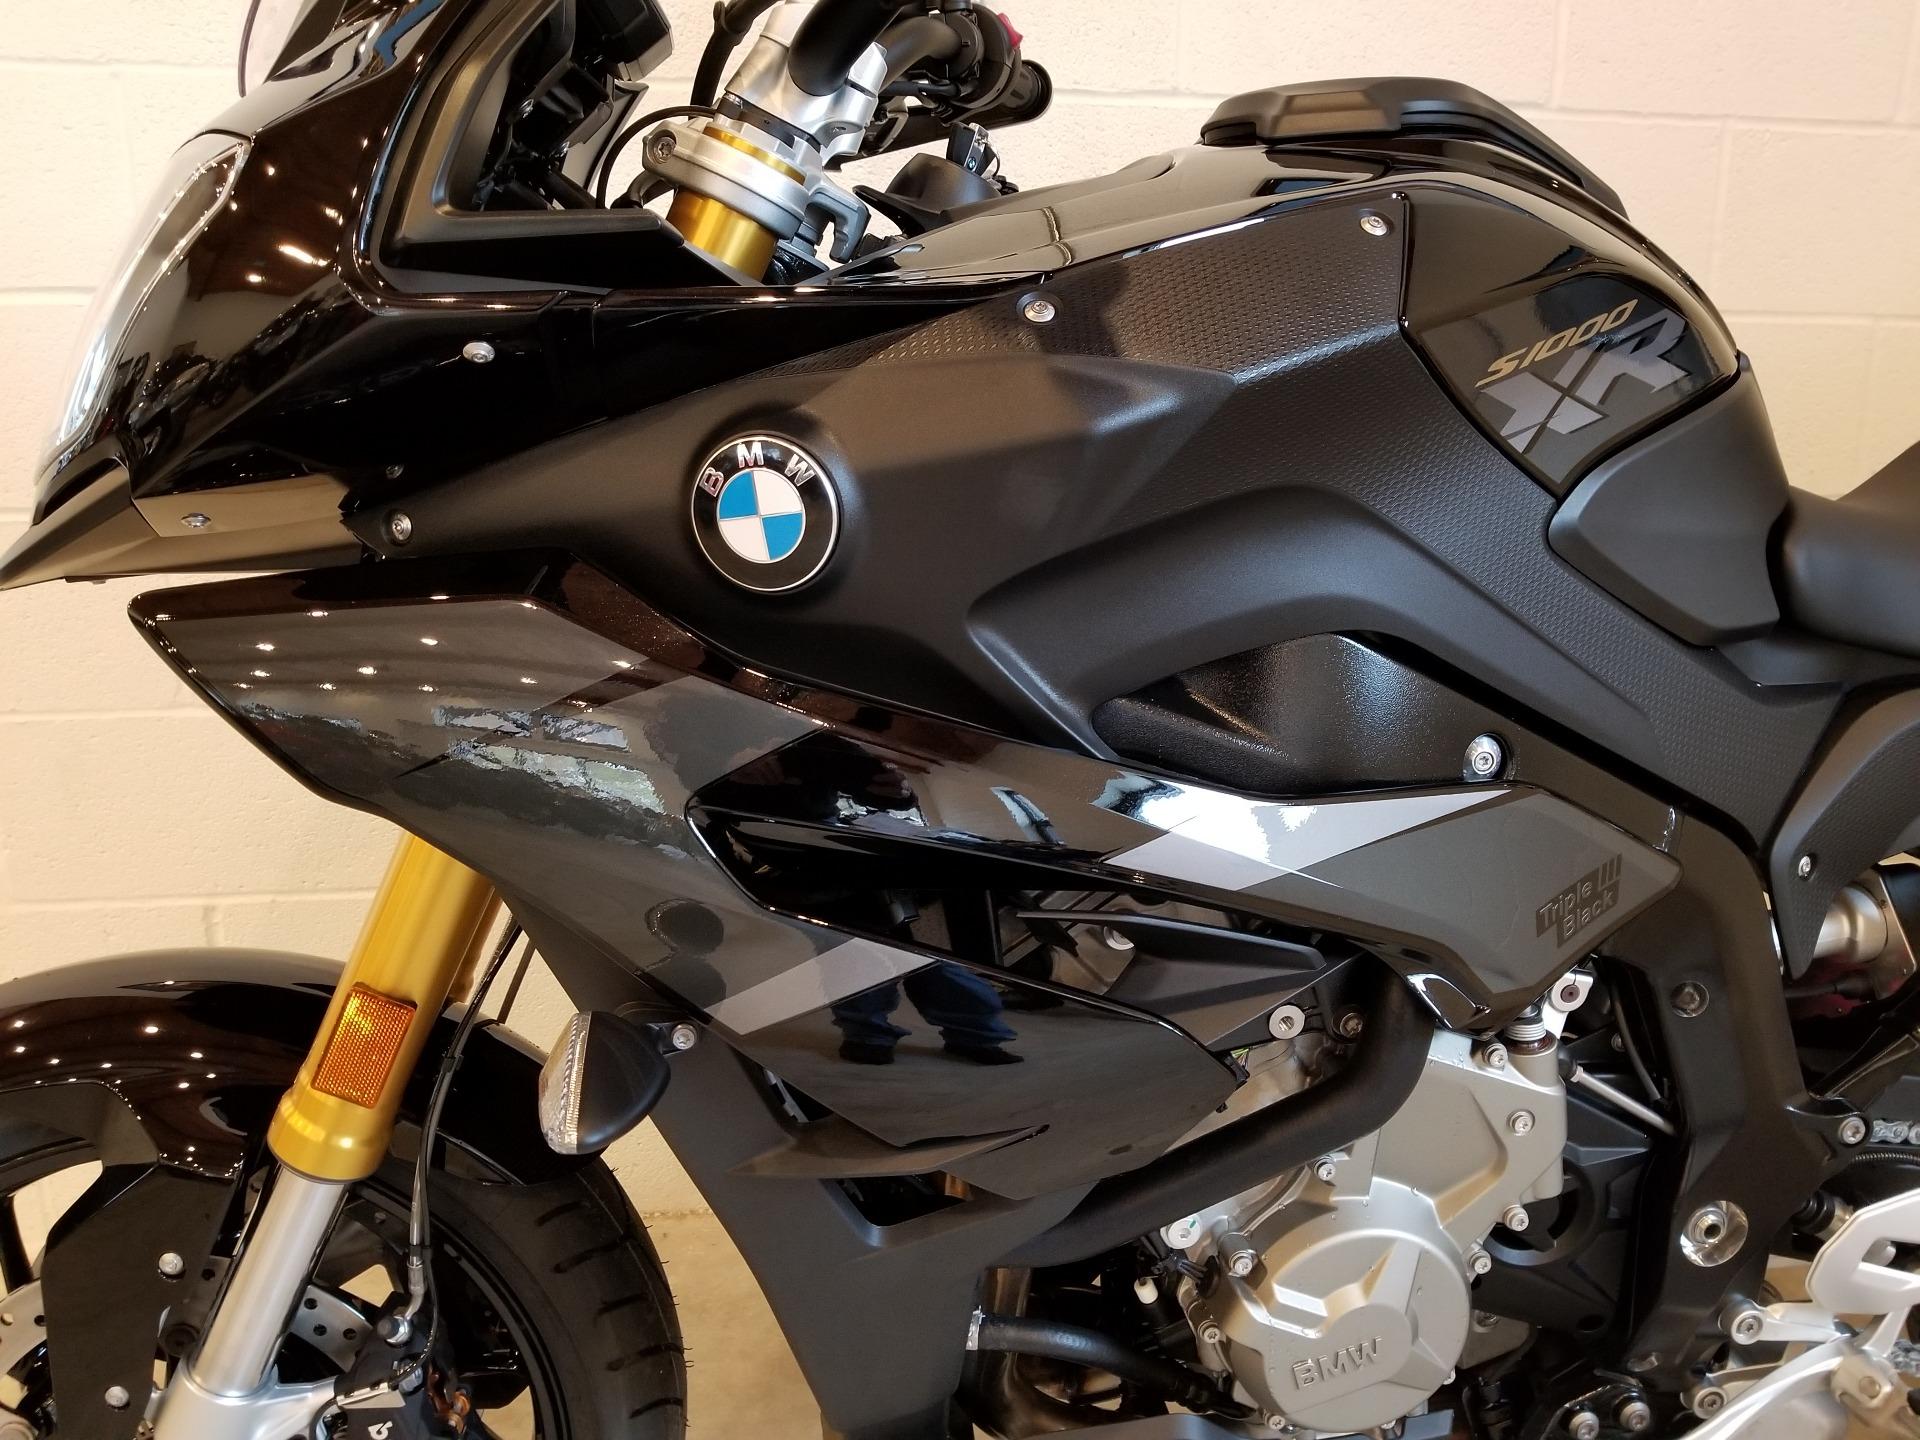 2019 Bmw S 1000 Xr Motorcycles Port Clinton Pennsylvania